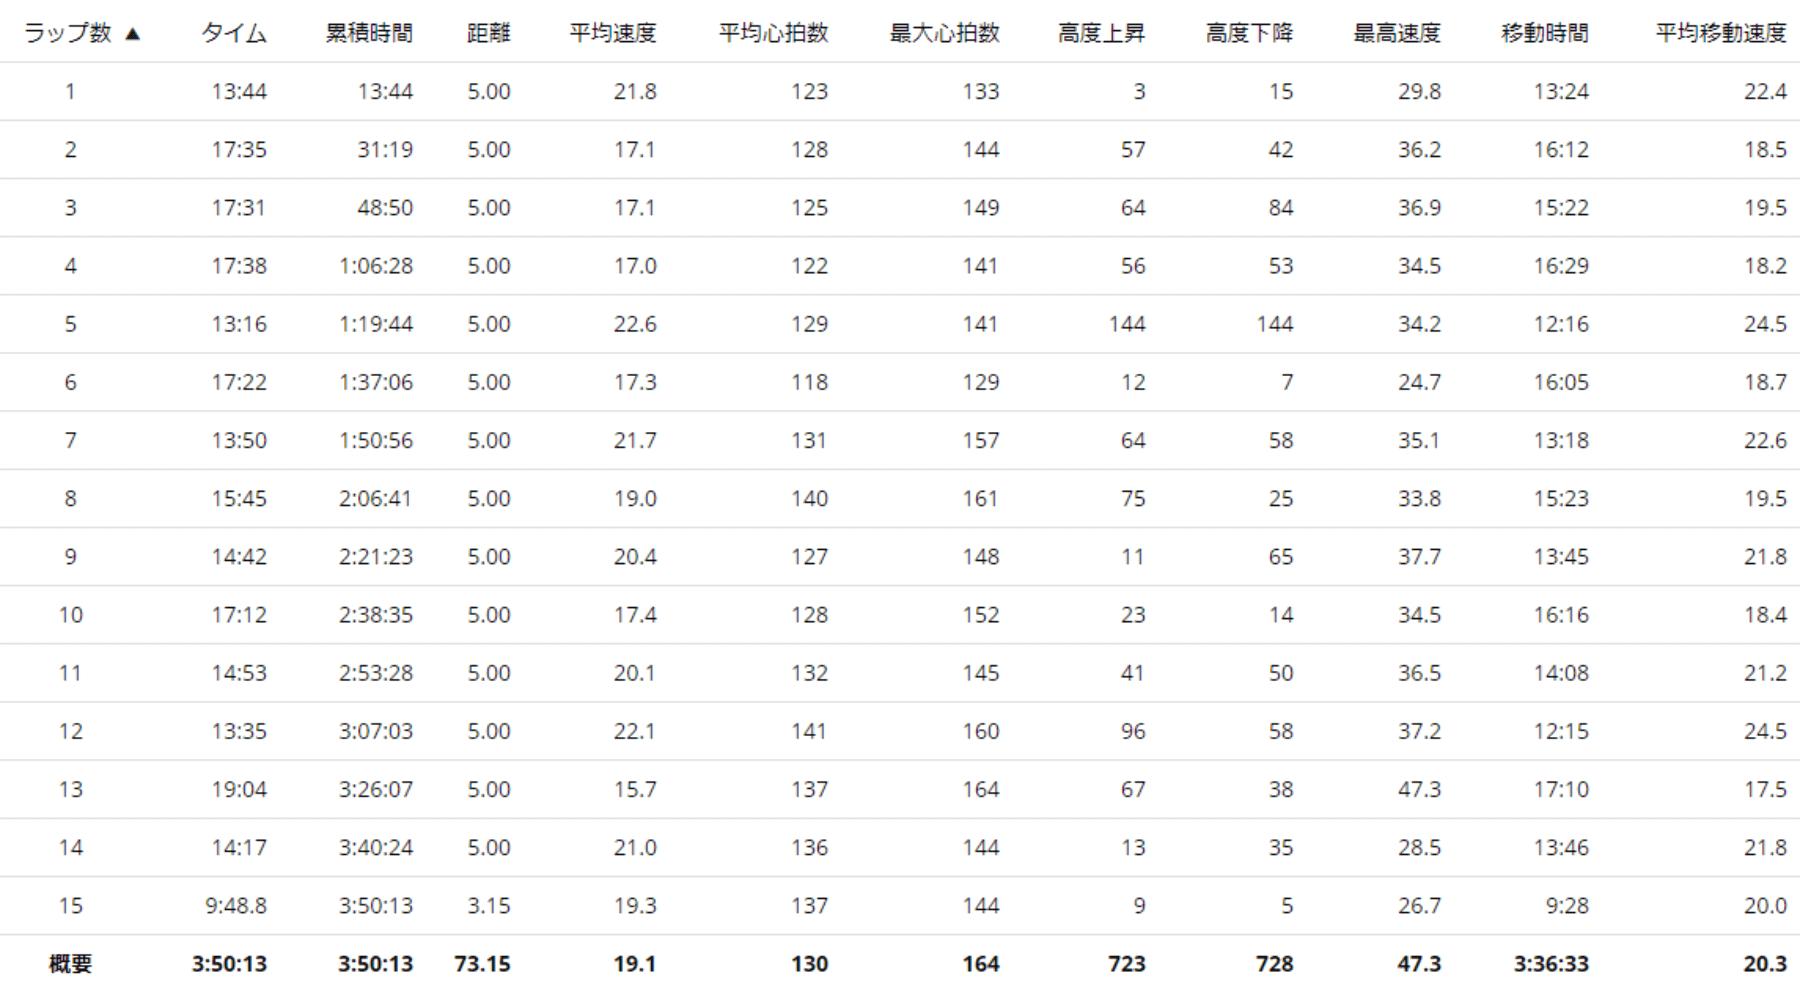 ガーミンで記録したサイクリングの5kmラップデータ